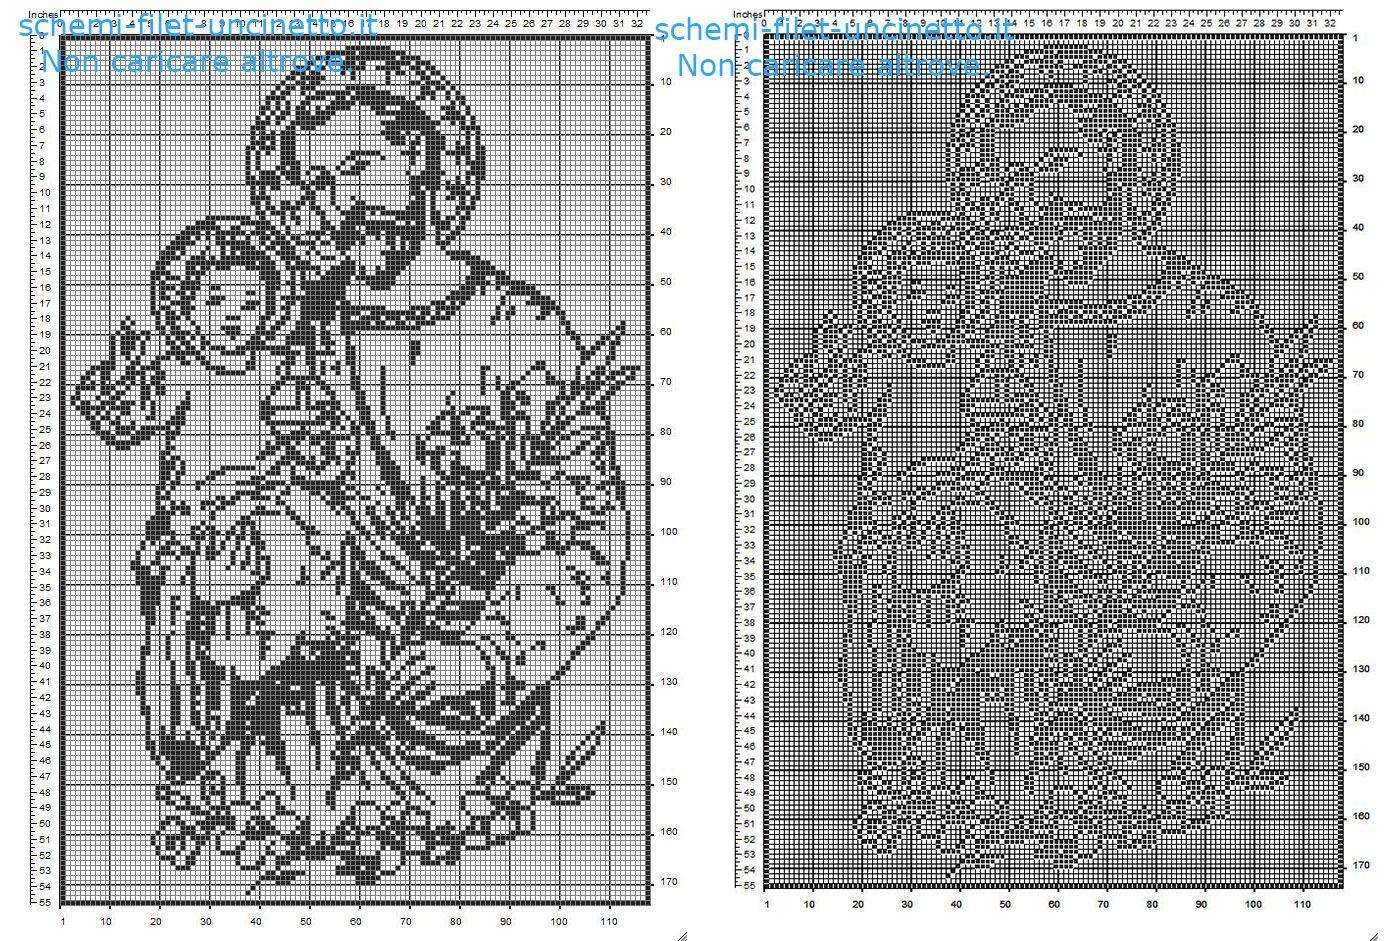 San giuseppe schema filet uncinetto gratis idea quadro for Punto croce immagini